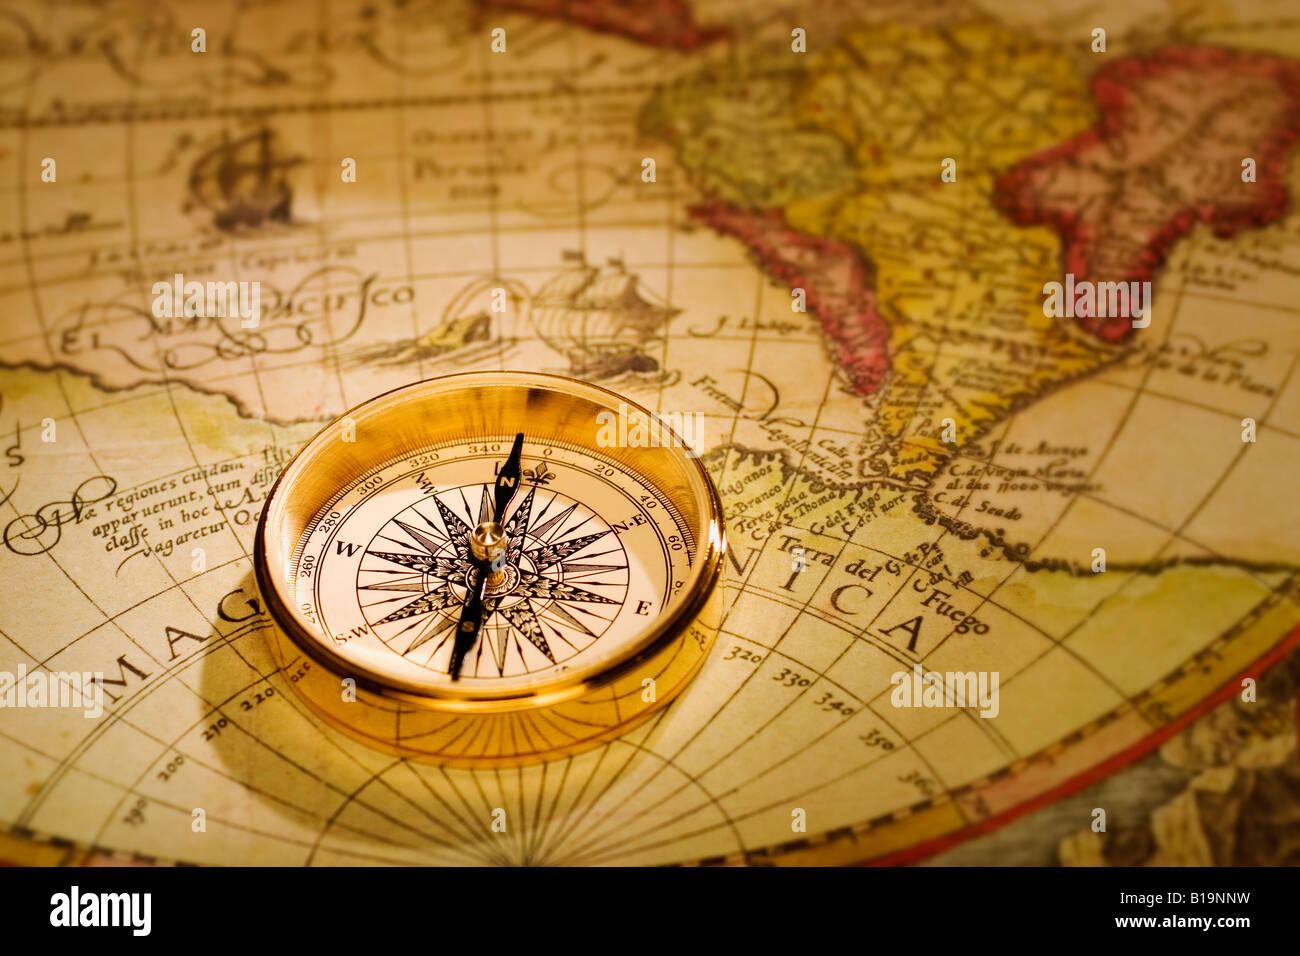 An antique gold compass set upon a sixteenth century map of the an antique gold compass set upon a sixteenth century map of the world gumiabroncs Images